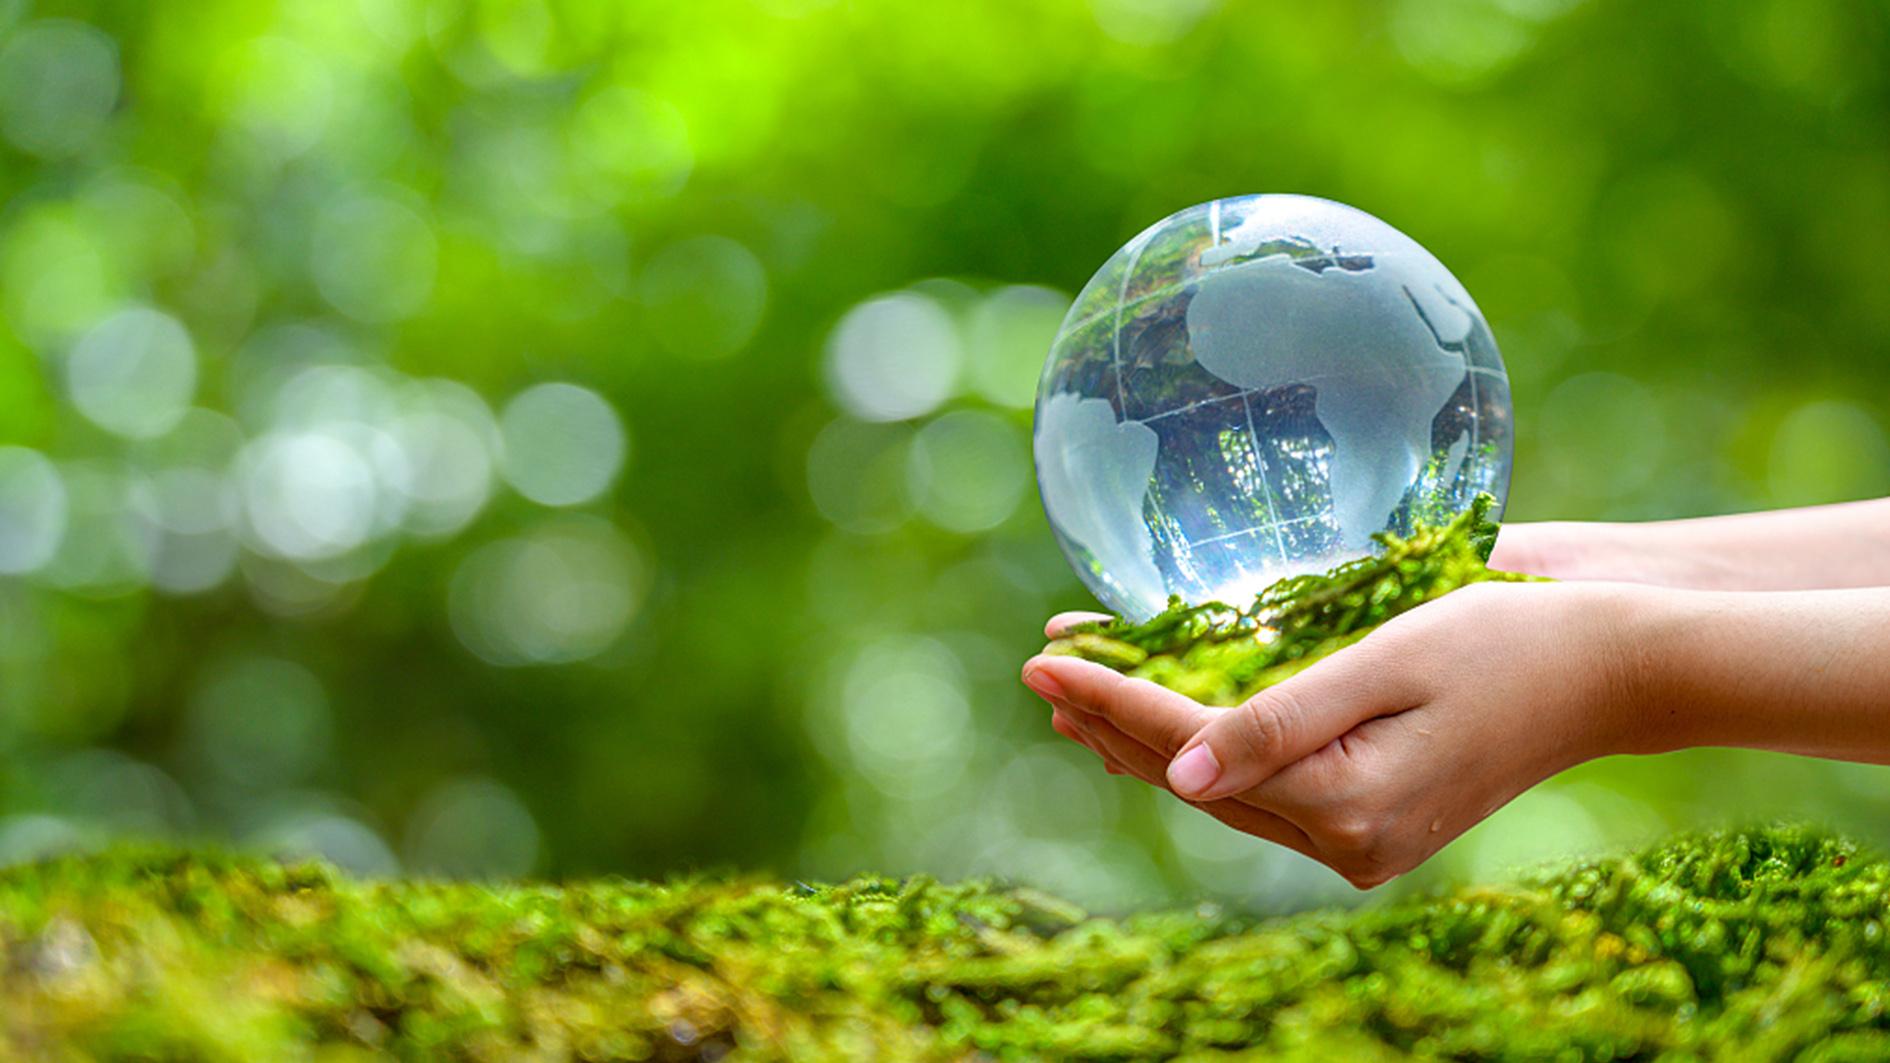 Sử dụng túi ni lông đúng cách giúp bảo vệ môi trường